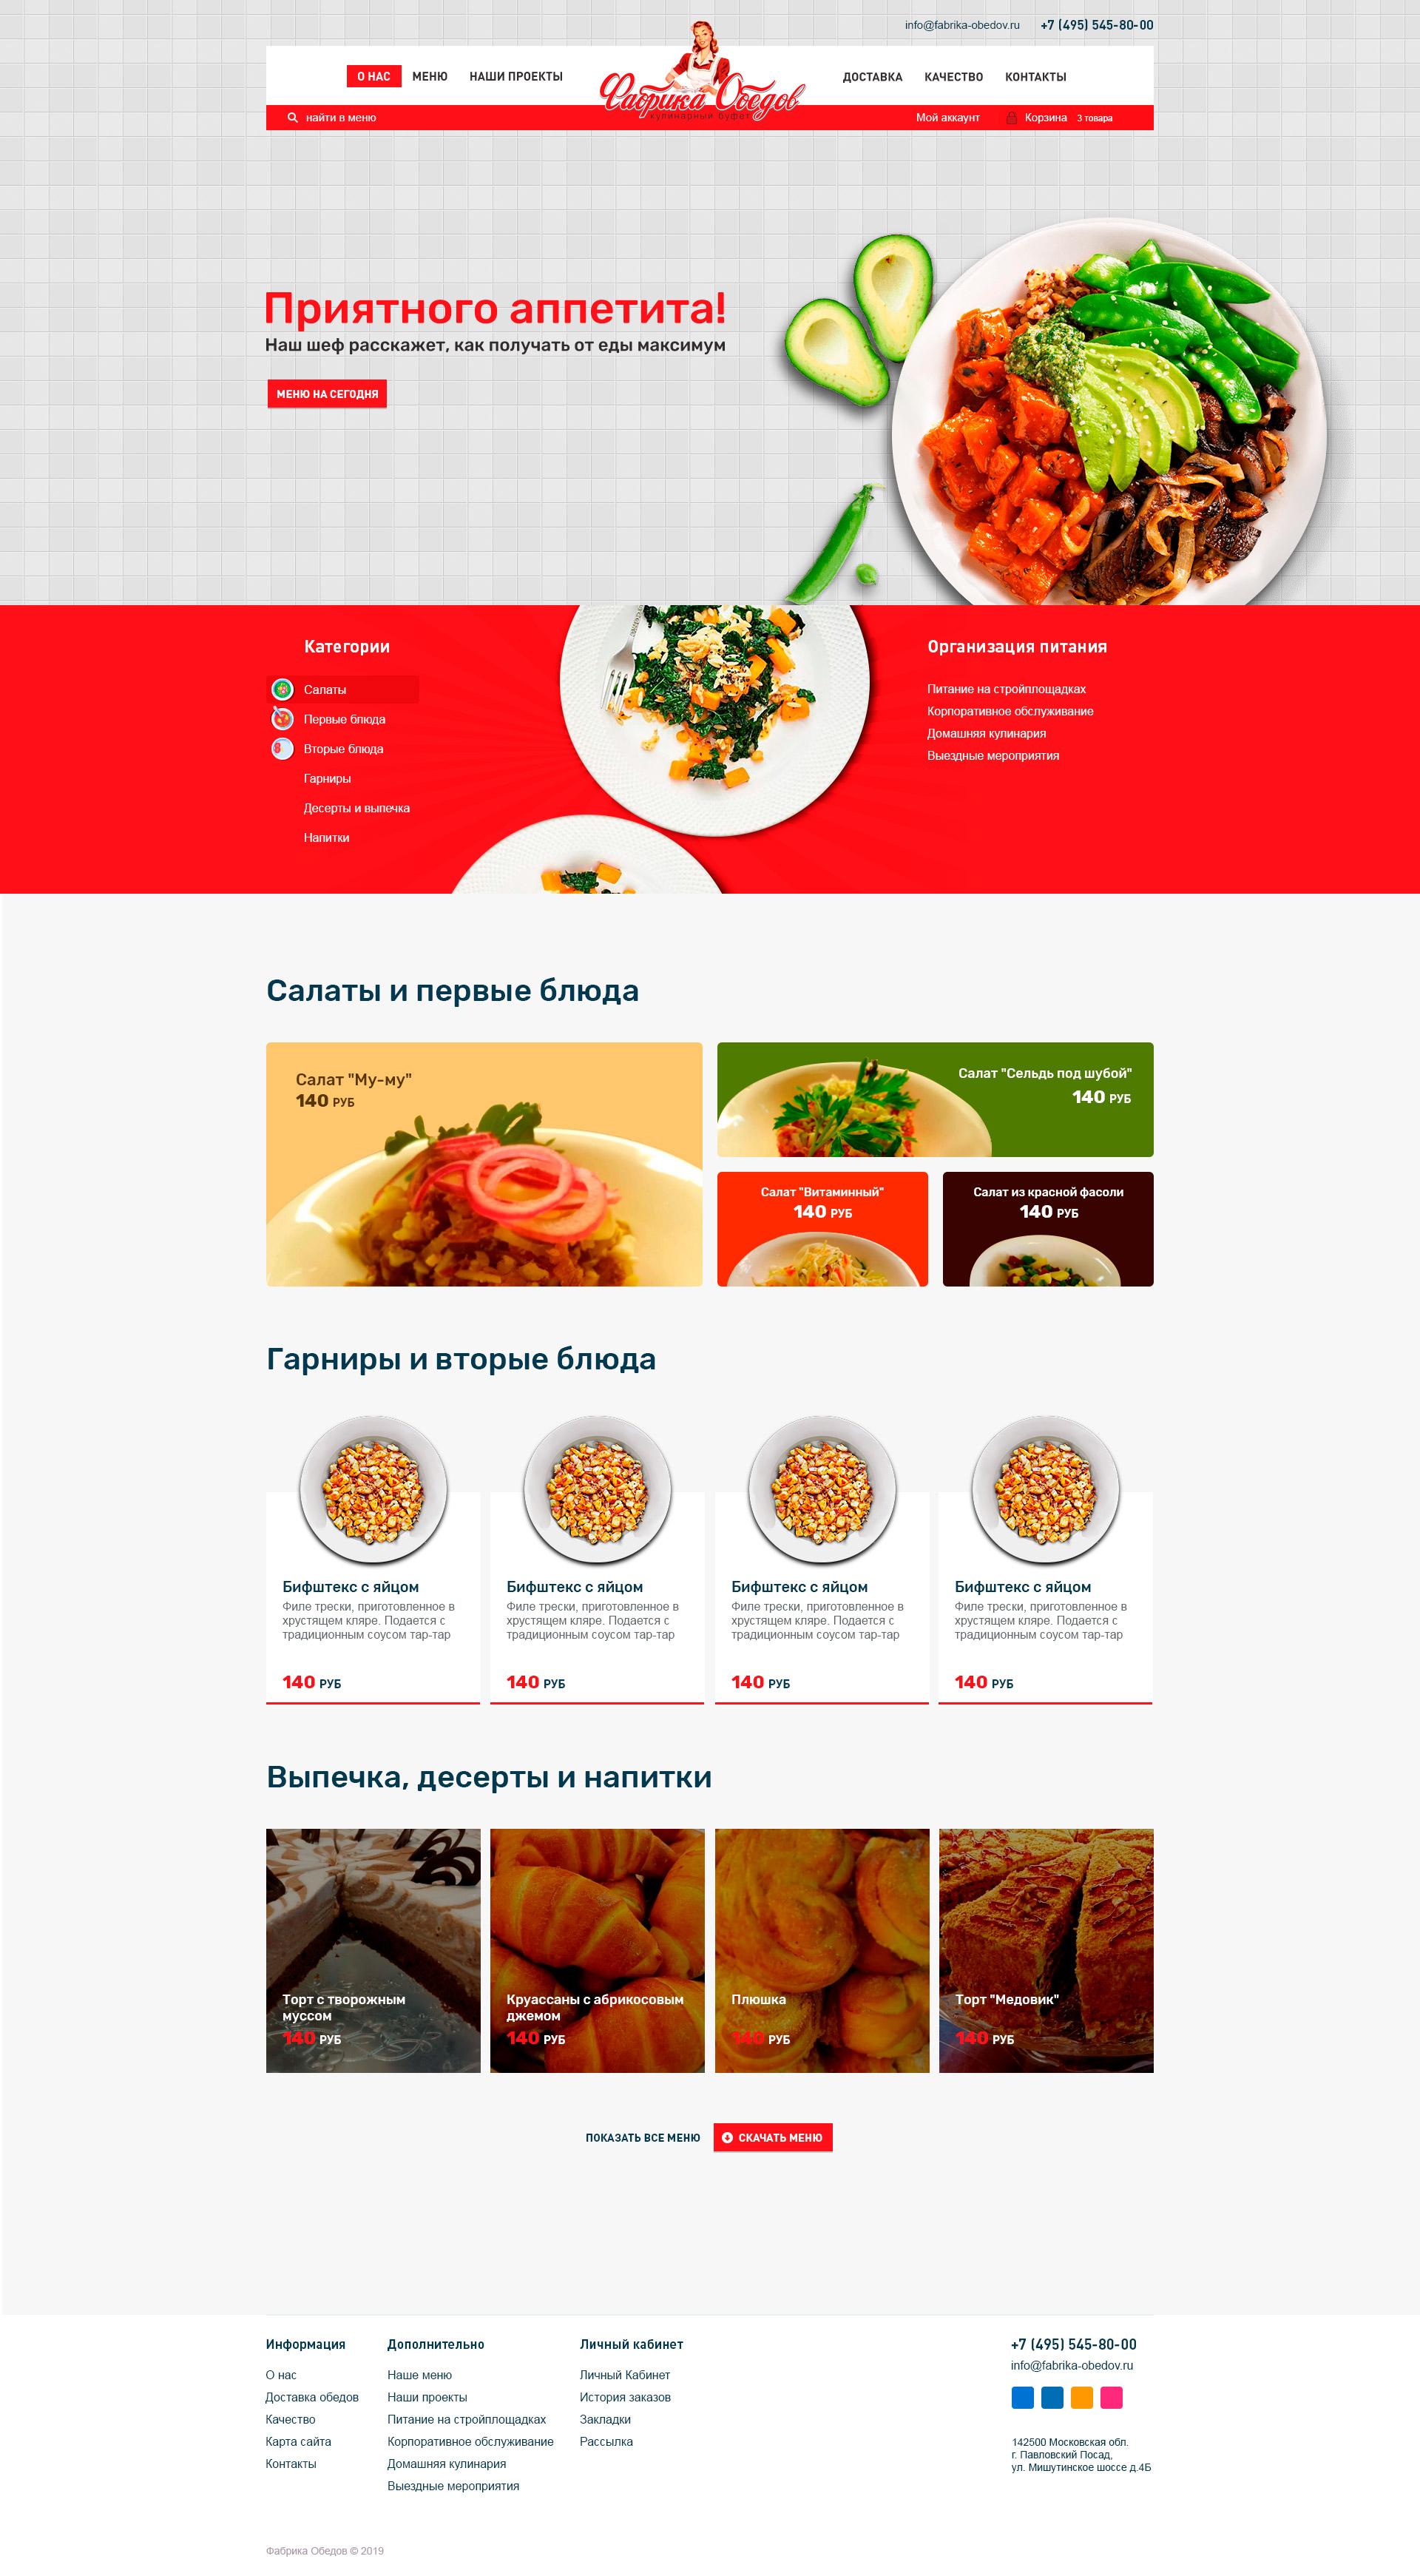 требуется разработать новый дизайн сайта  фото f_0305c360bd6a3210.jpg